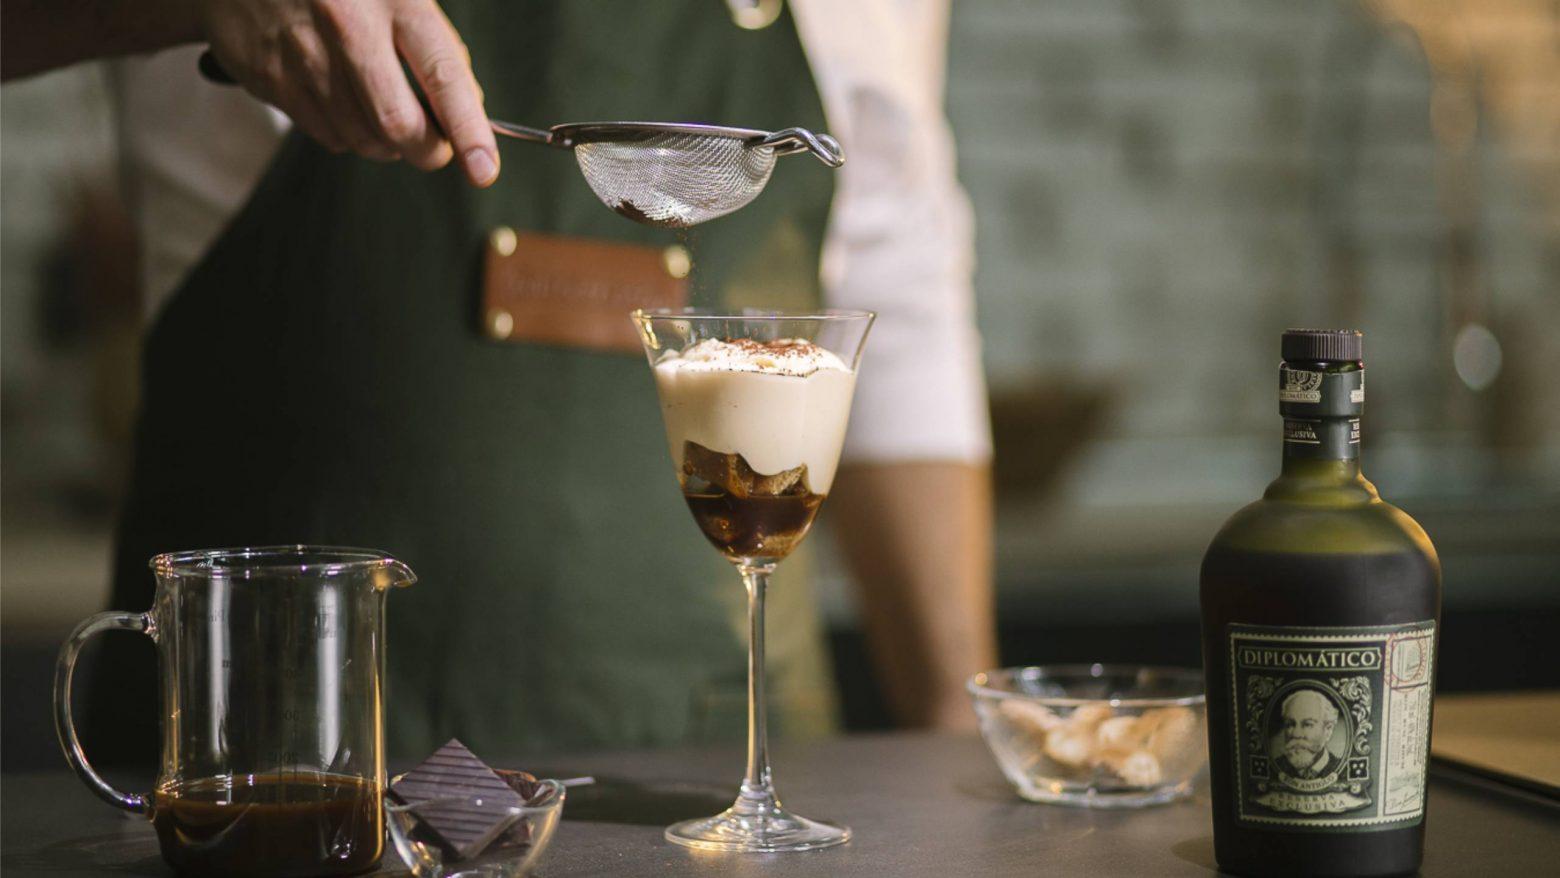 DRE & Tiramisu - Diplomatico Rum